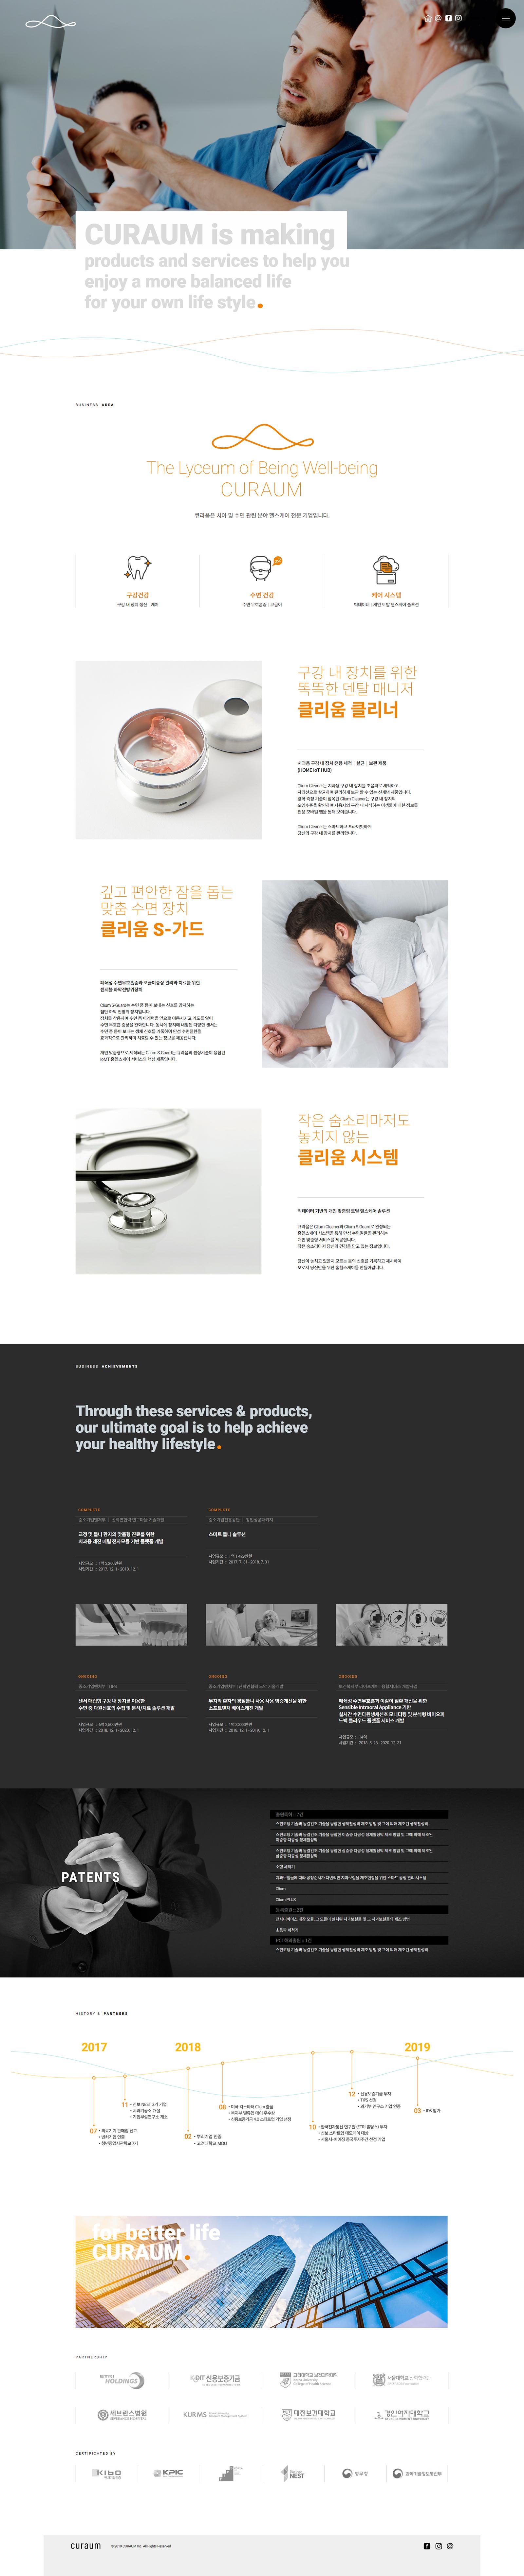 의료기기 벤처기업 큐라움 퍼블리싱